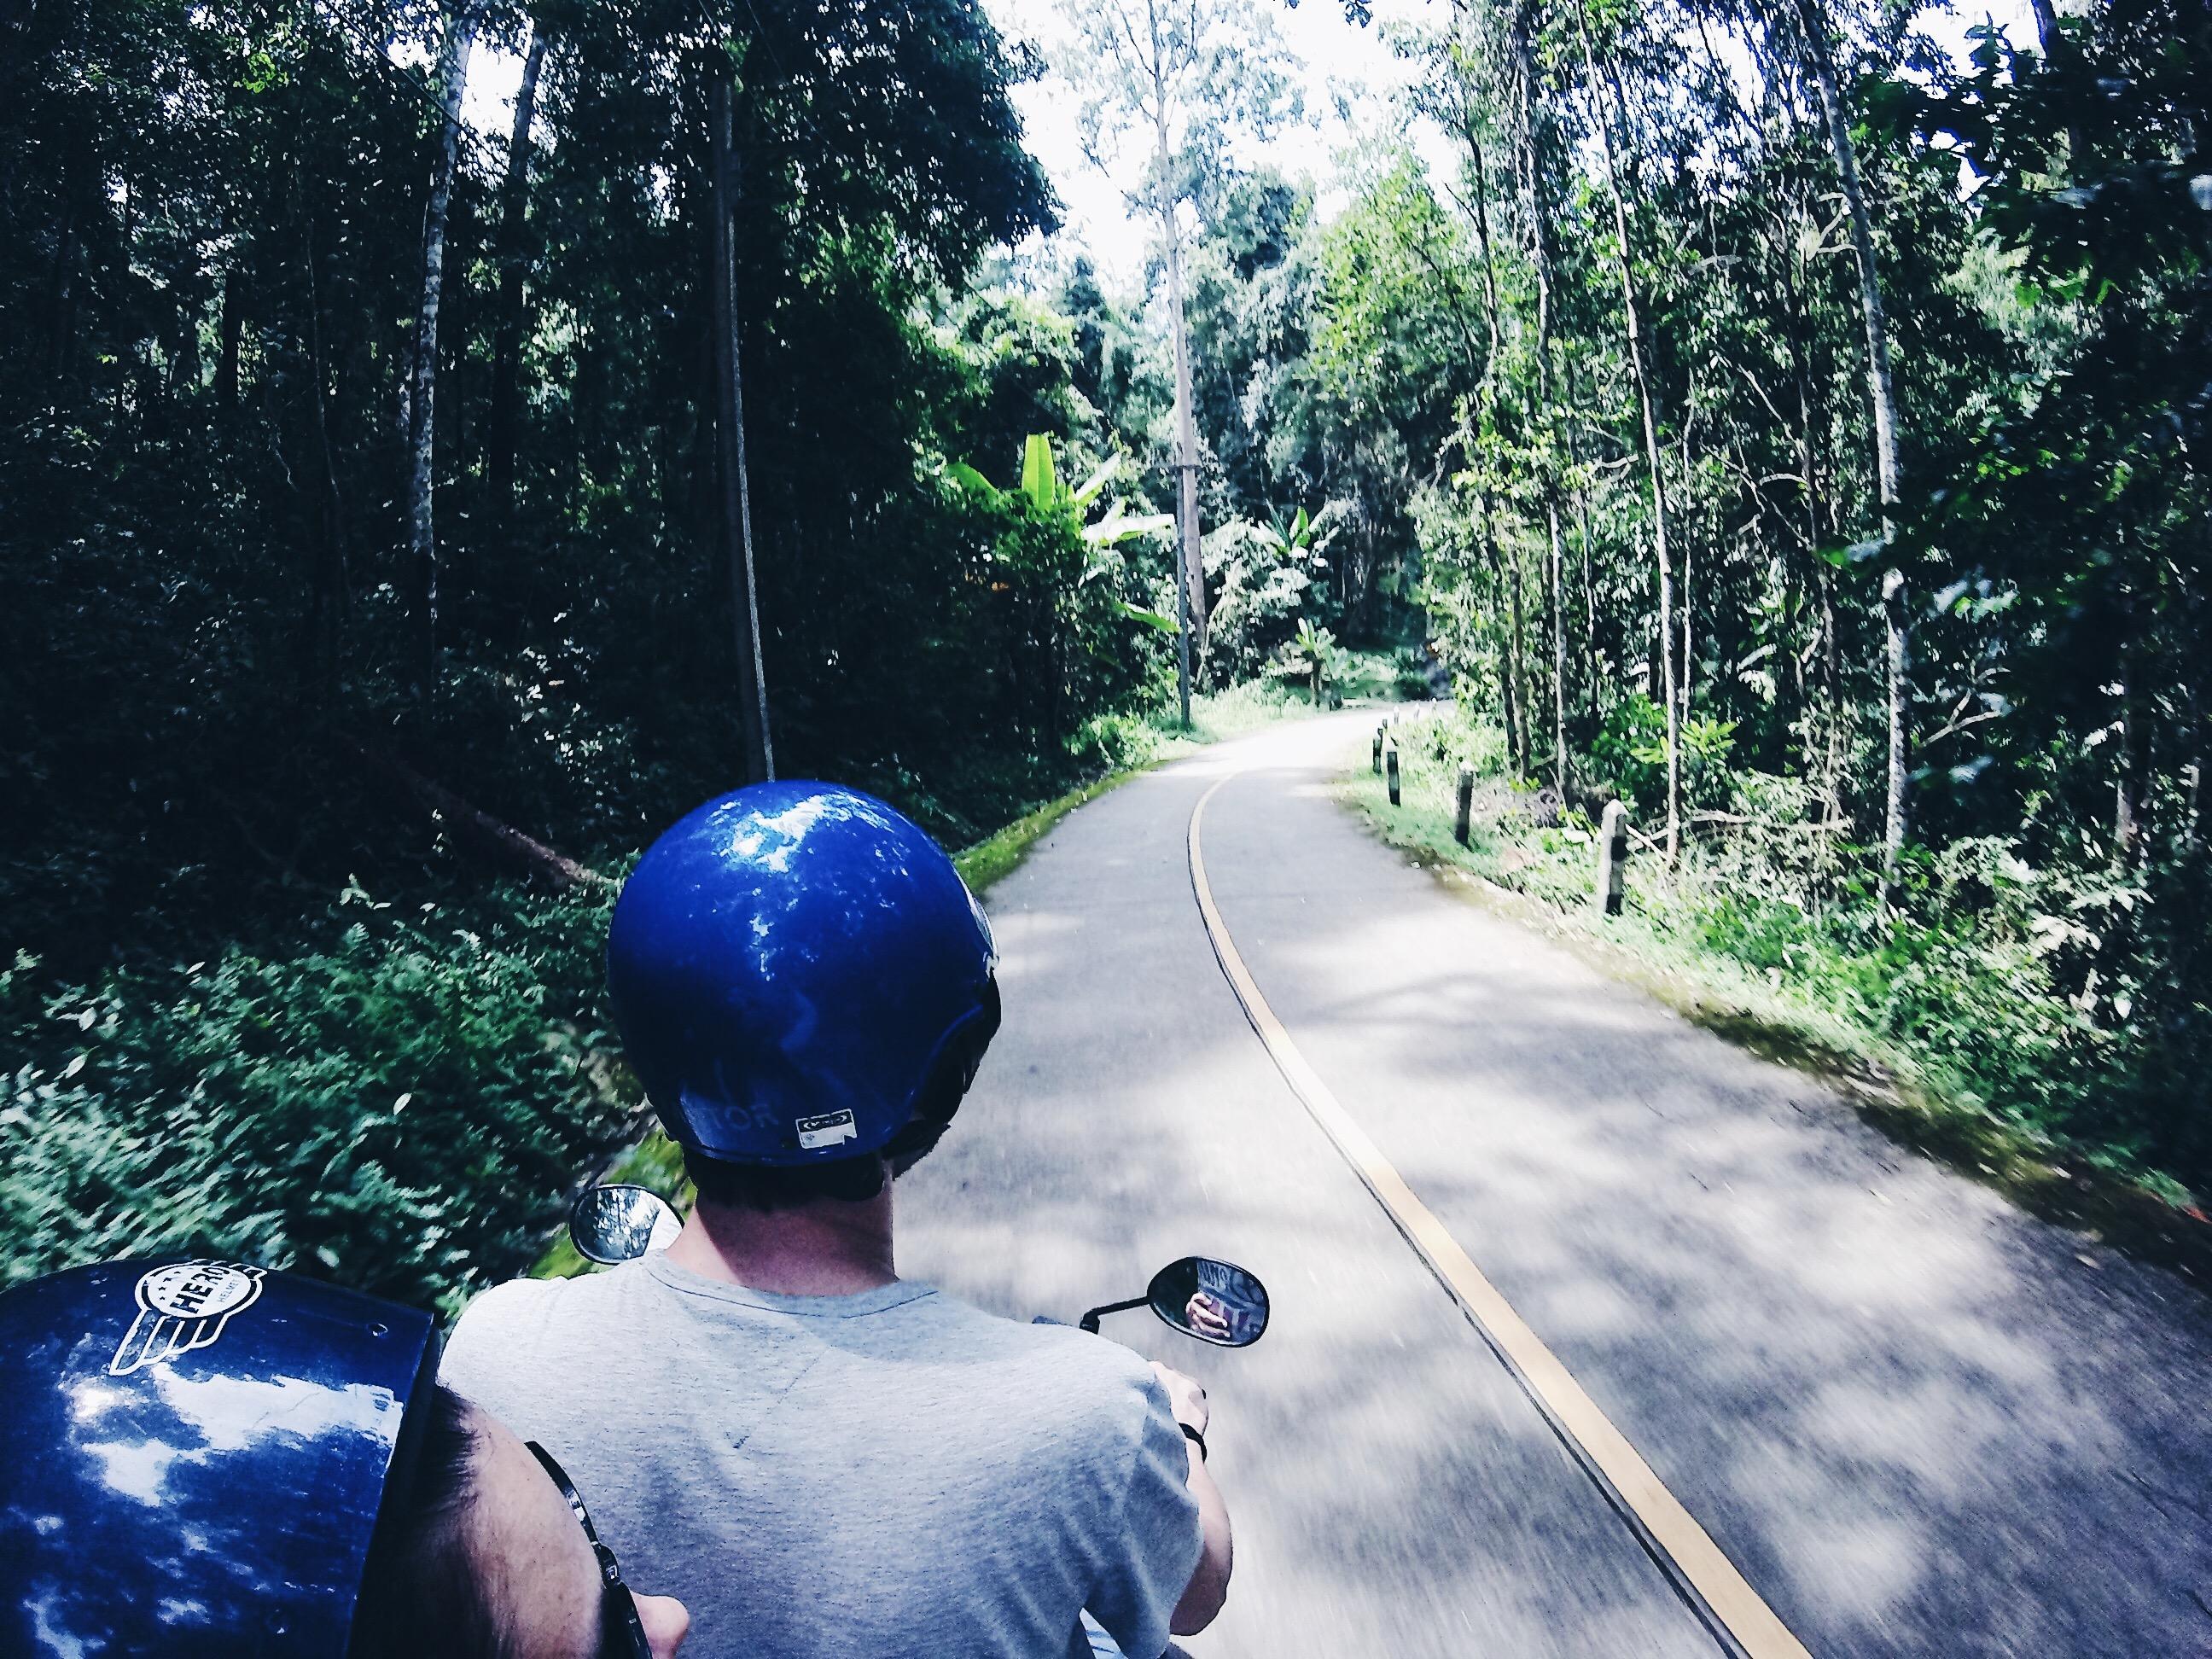 Roller mieten in Thailand, Khao Lak mit dem Roller entdecken, schönste Strände